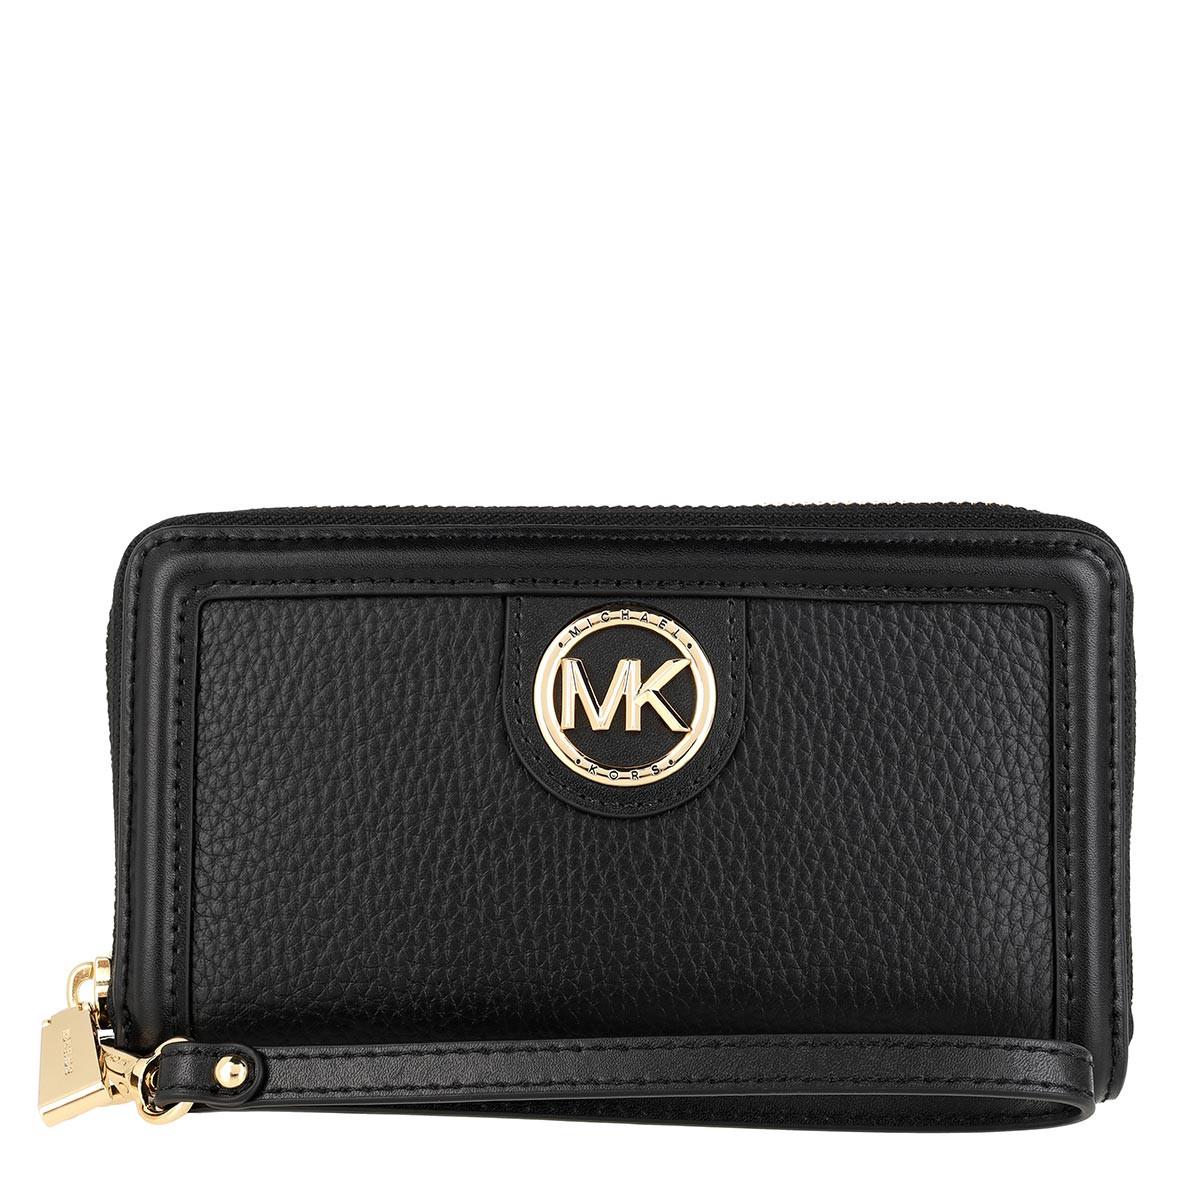 Michael Kors Portemonnaie - Large Flat Phone Case Black - in schwarz - für Damen